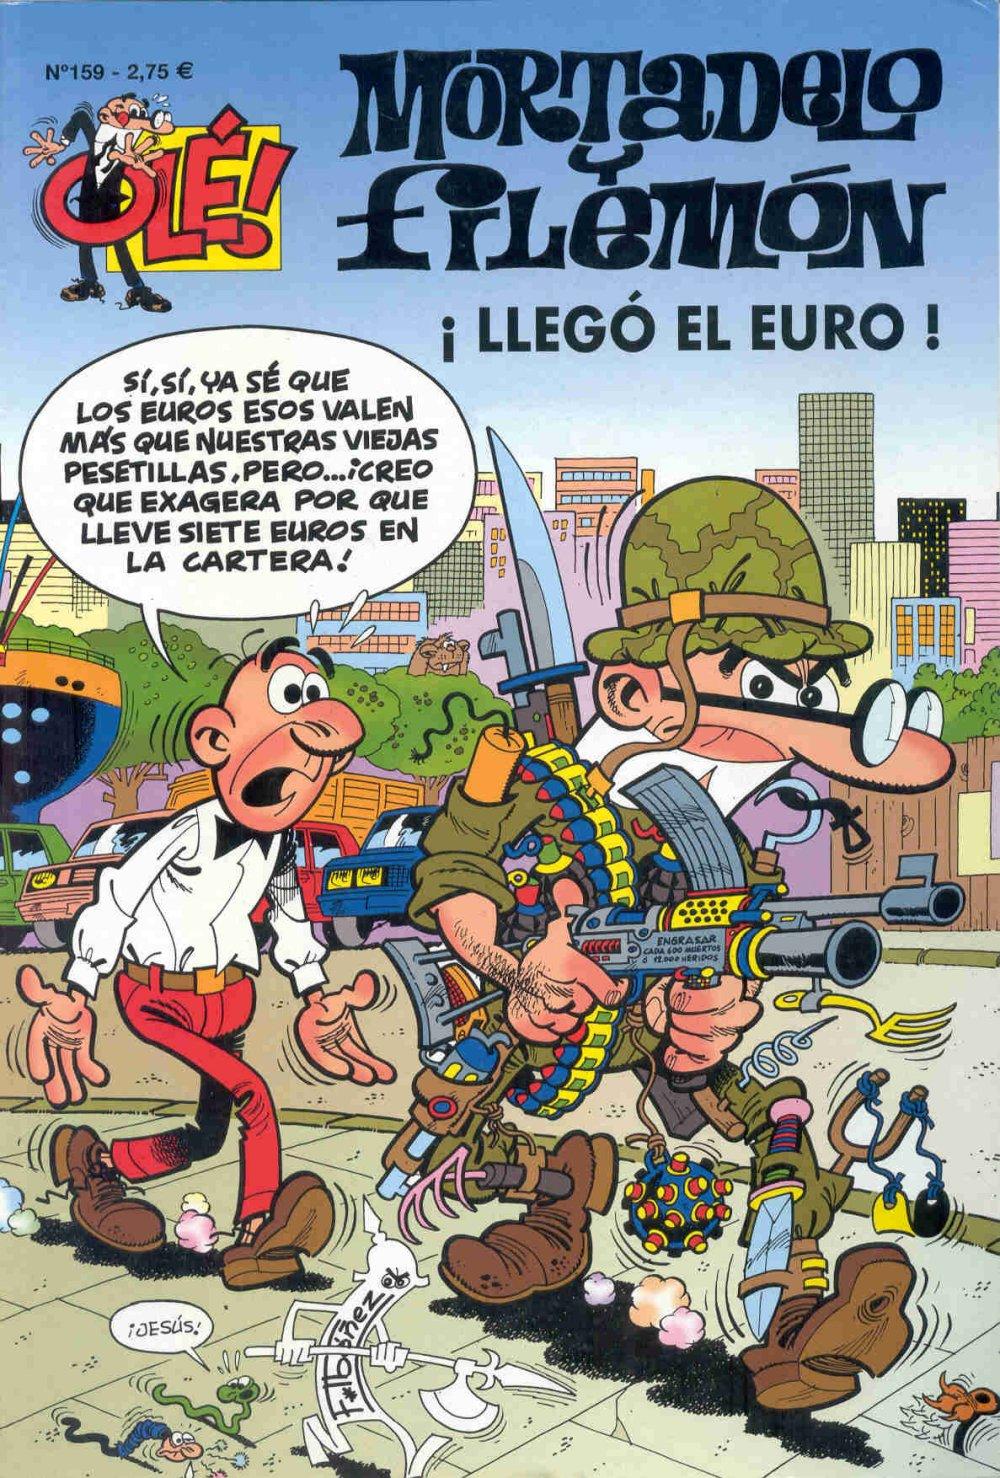 ¡Llegó el Euro! - Mortadelo y Filemón